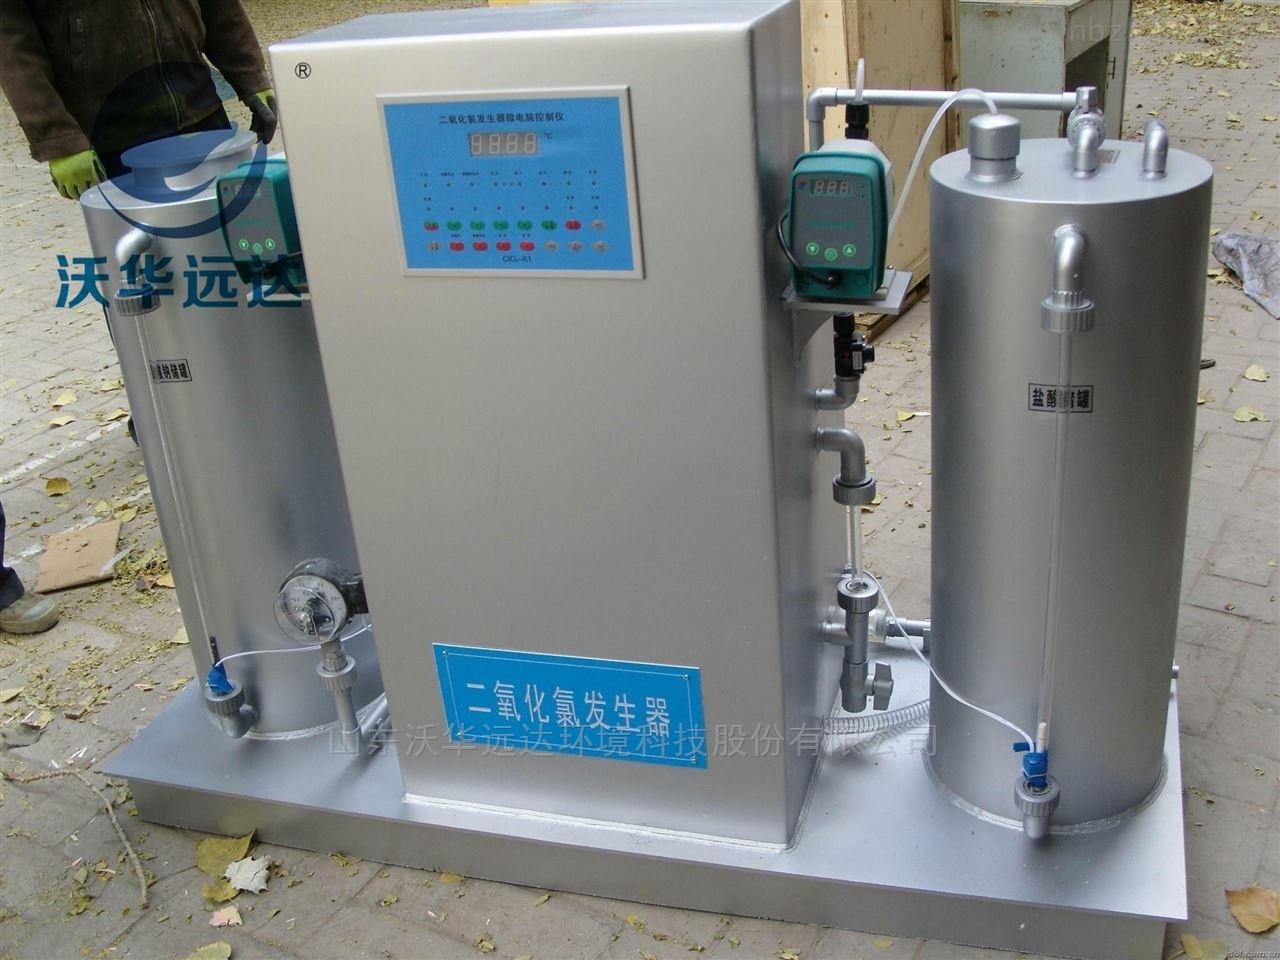 石家庄卫生院污水处理设备